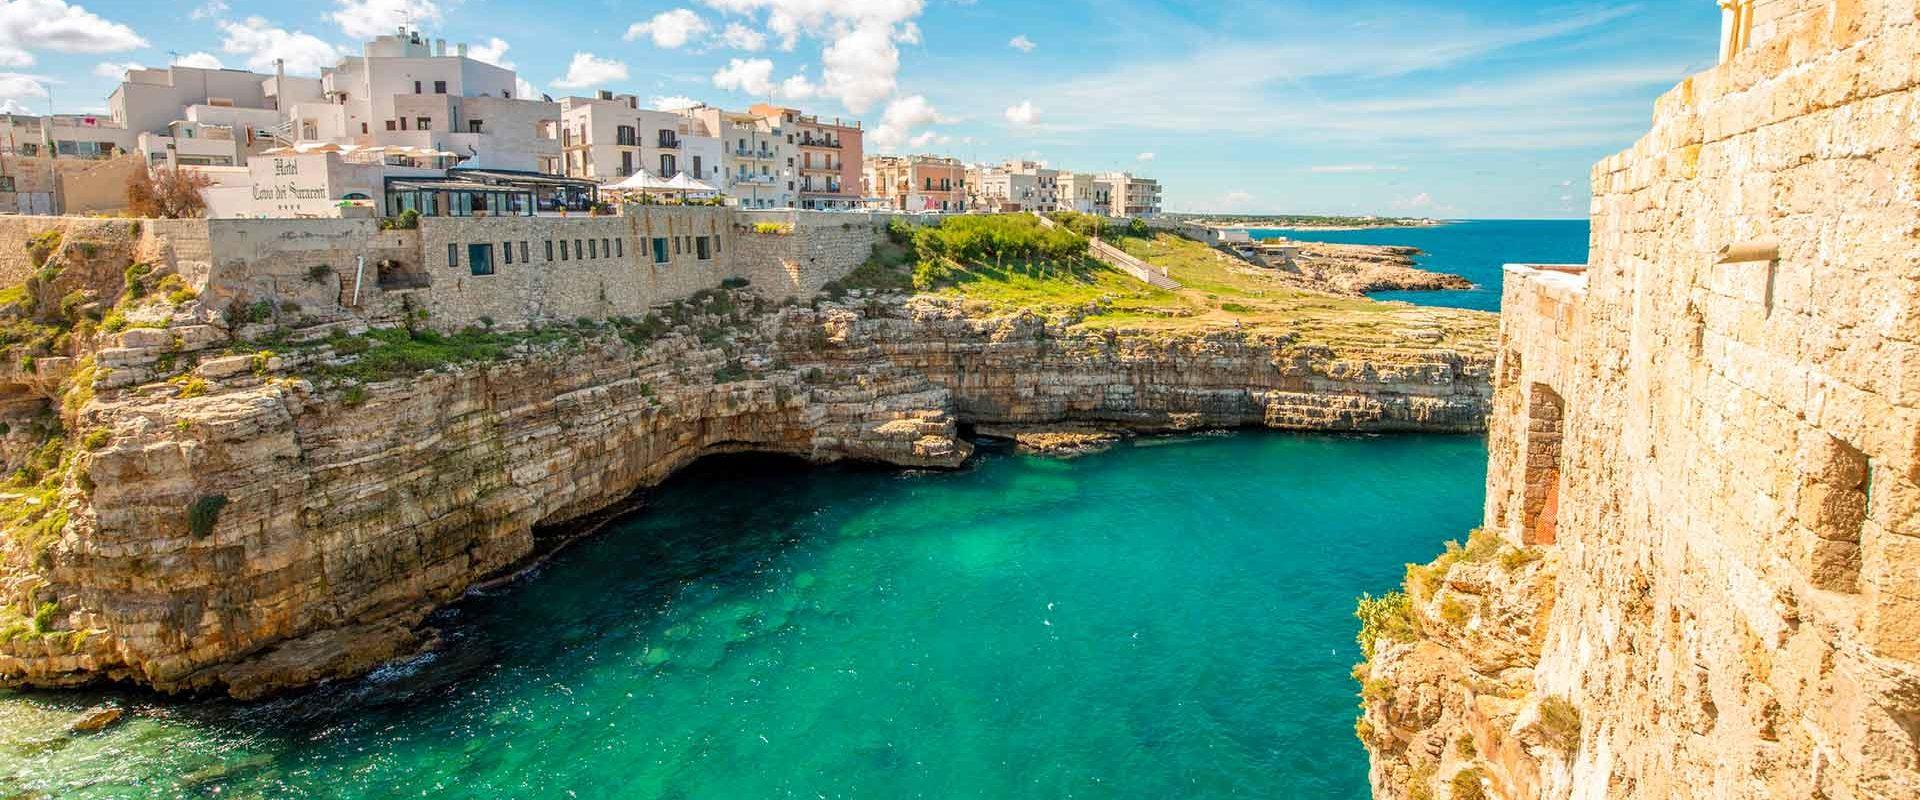 Resort Naturista Grottamiranda - Puglia - Fenait